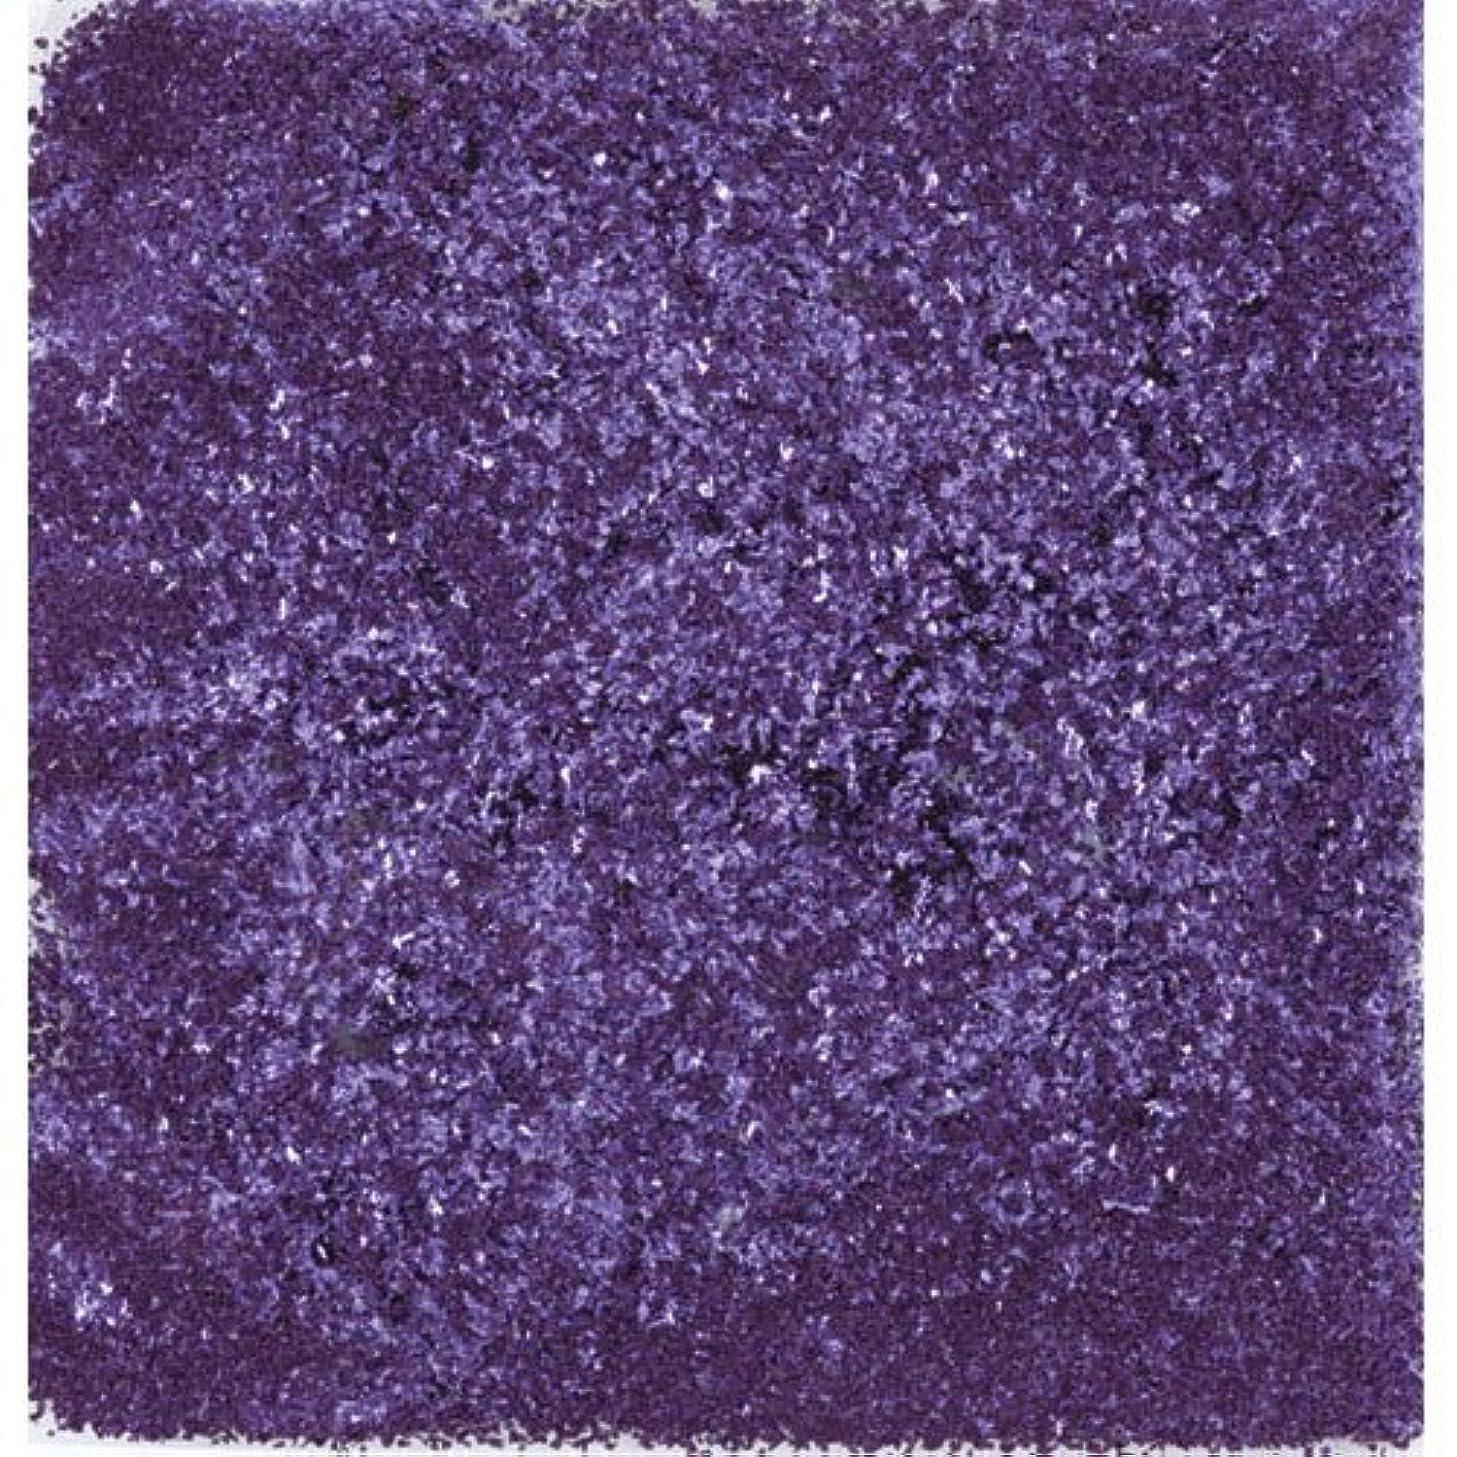 下位トリクルキャベツピカエース ネイル用パウダー シャインフレーク #711 江戸紫 0.3g